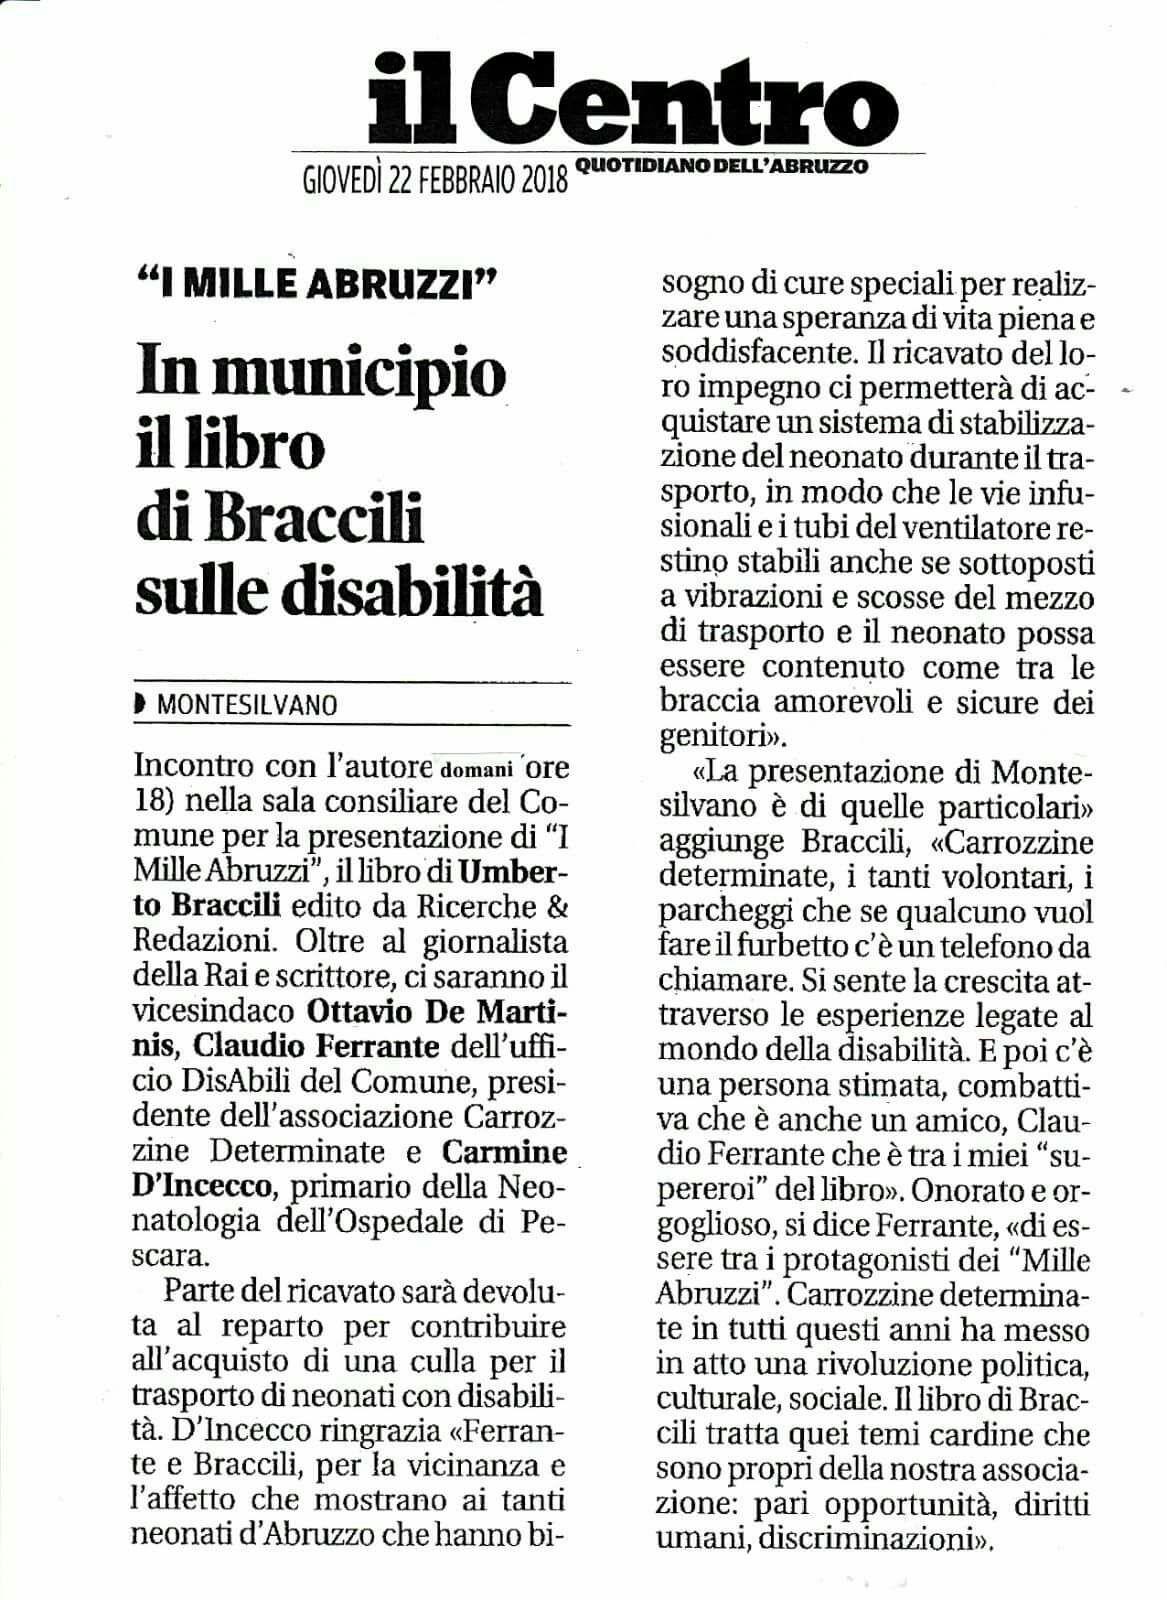 In municipio a Montesilvano il libro di Braccili sulle disabilità